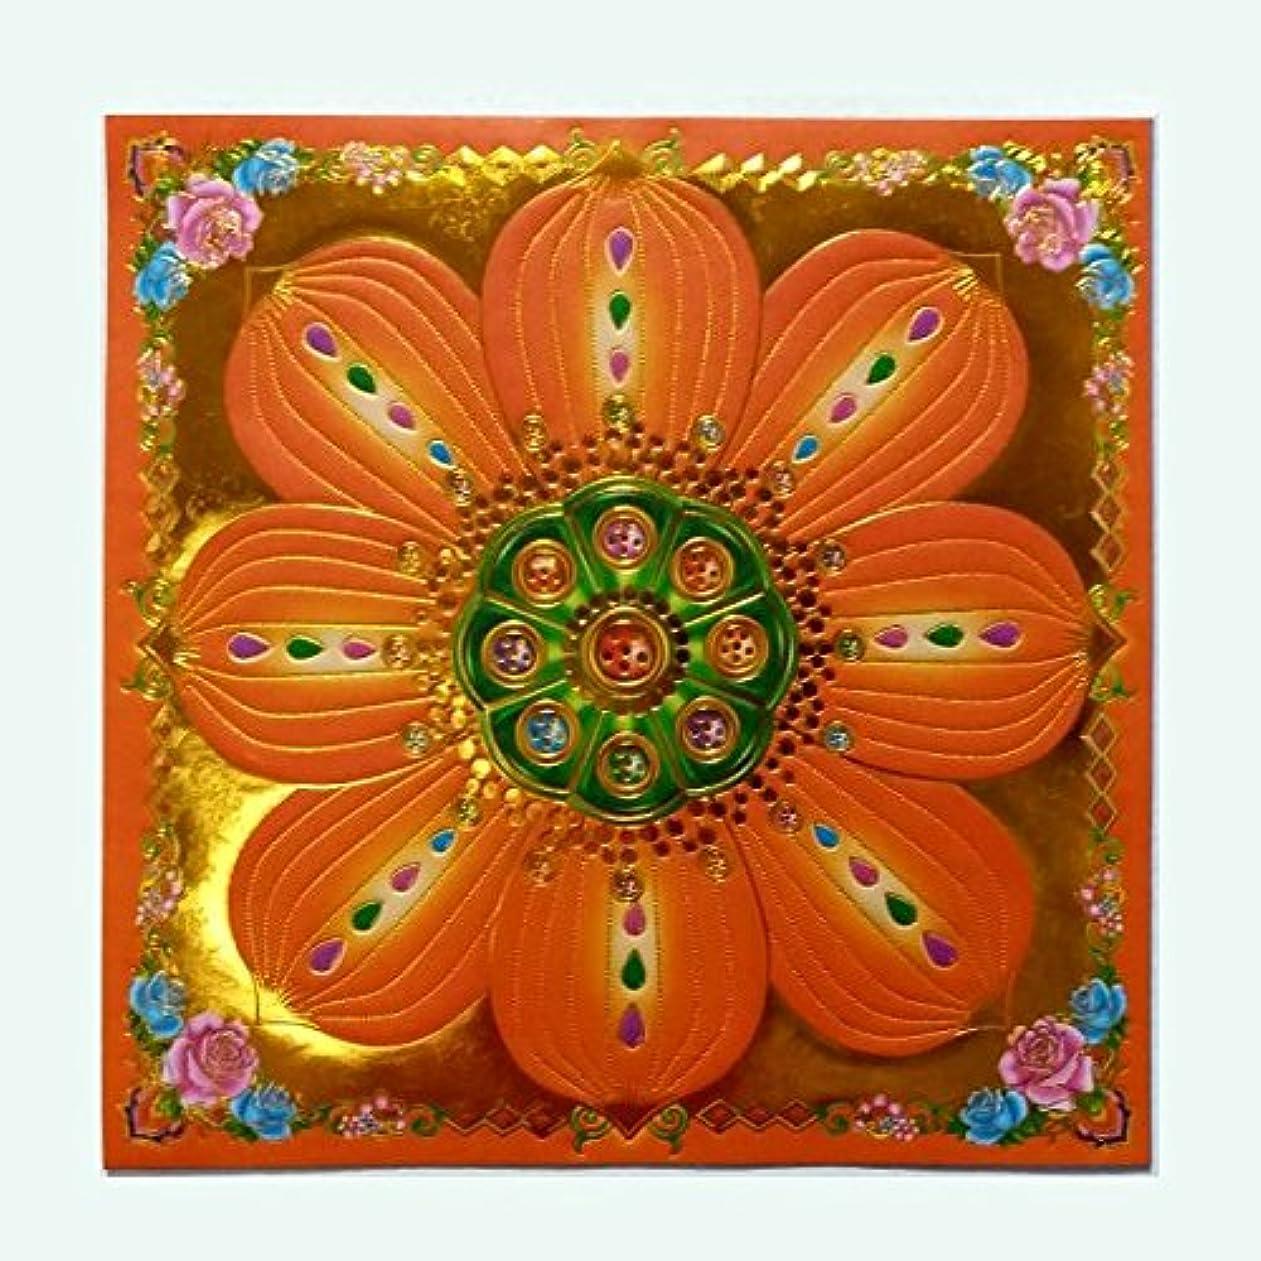 アジア修羅場急いで40pcs Incense用紙/Joss用紙ハイグレードカラフルwithゴールドの箔Sサイズの祖先Praying 7.5インチx 7.5インチ(オレンジ)